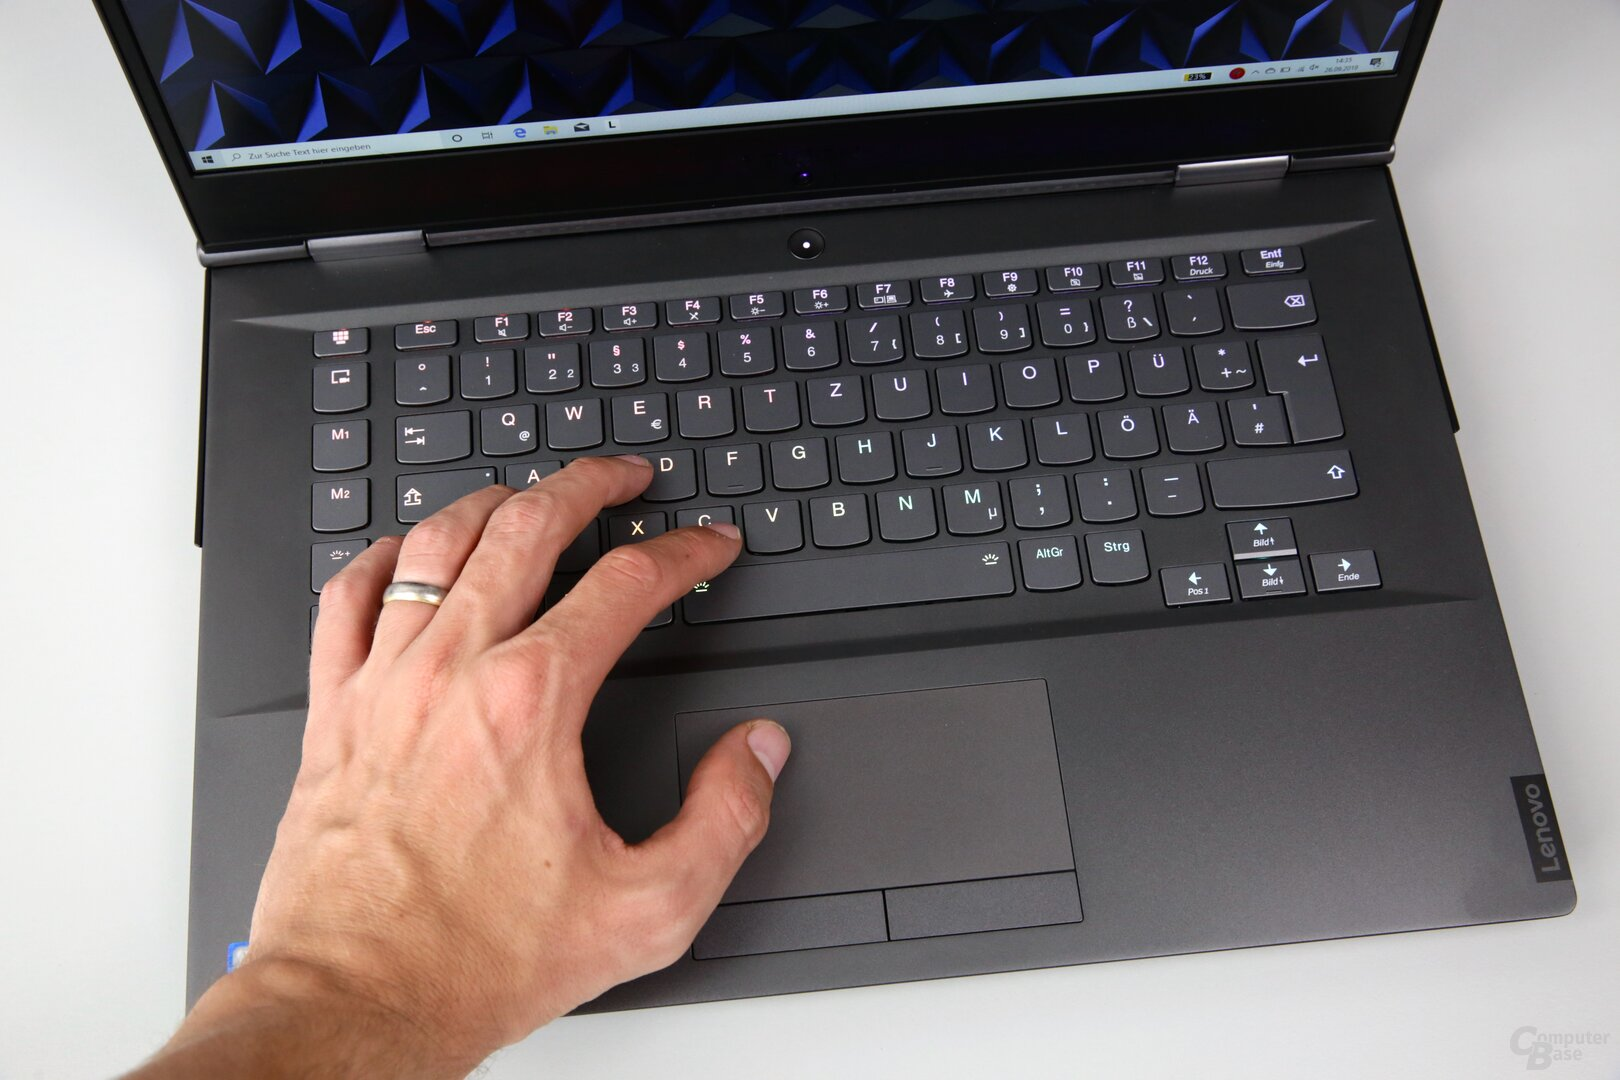 Tastatur mit RGB-Beleuchtung und Touchpad mit Tasten